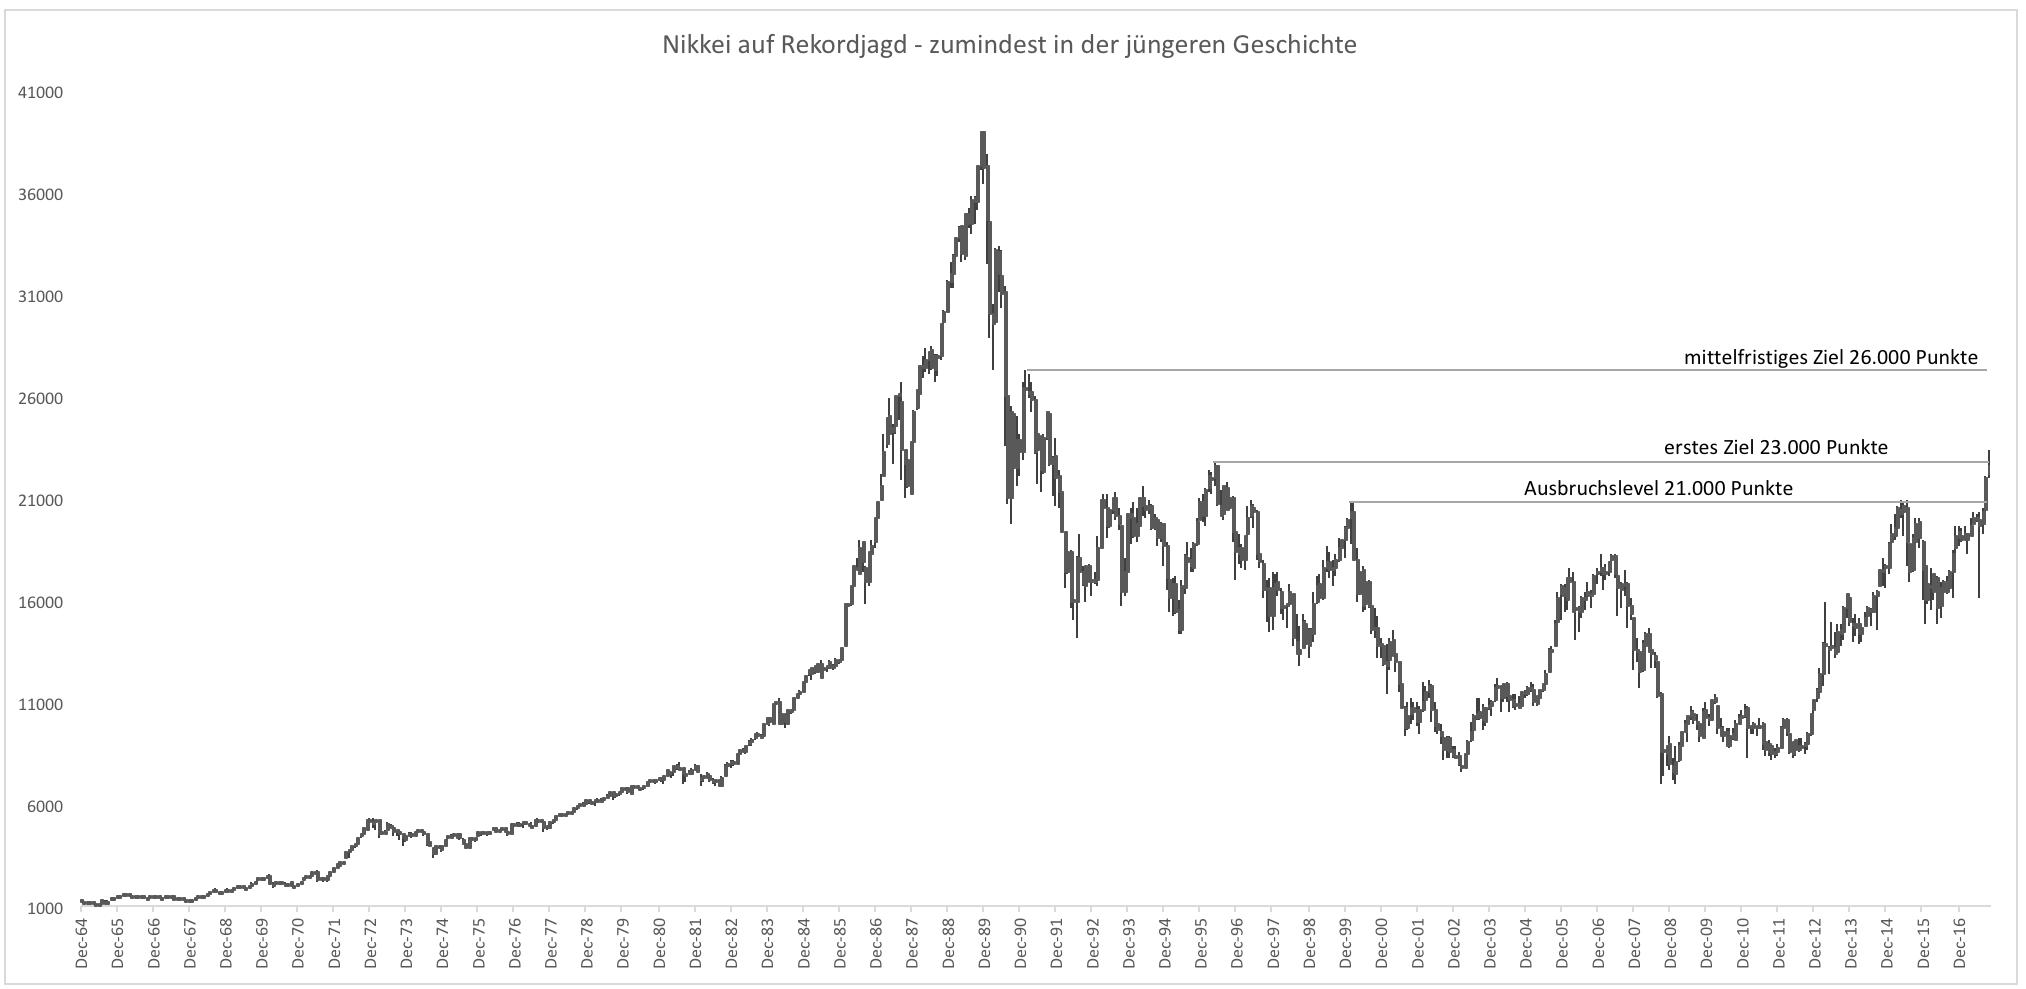 Aktienrally-in-Japan-schon-wieder-vorbei-Kommentar-Clemens-Schmale-GodmodeTrader.de-1